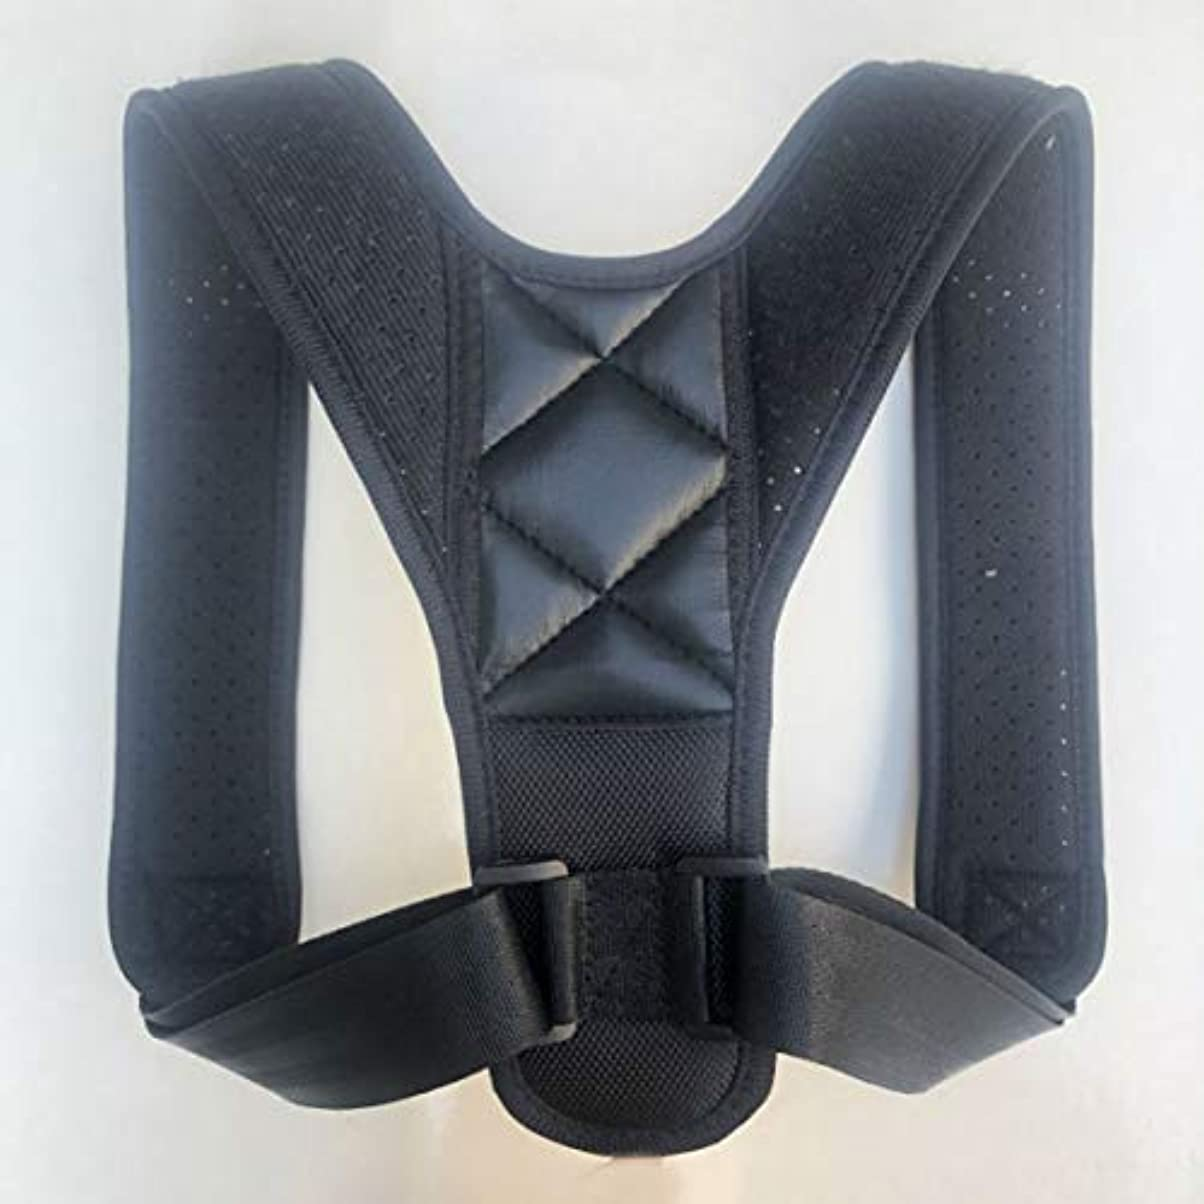 本能深さ乞食アッパーバックポスチャーコレクター姿勢鎖骨サポートコレクターバックストレートショルダーブレースストラップコレクター - ブラック